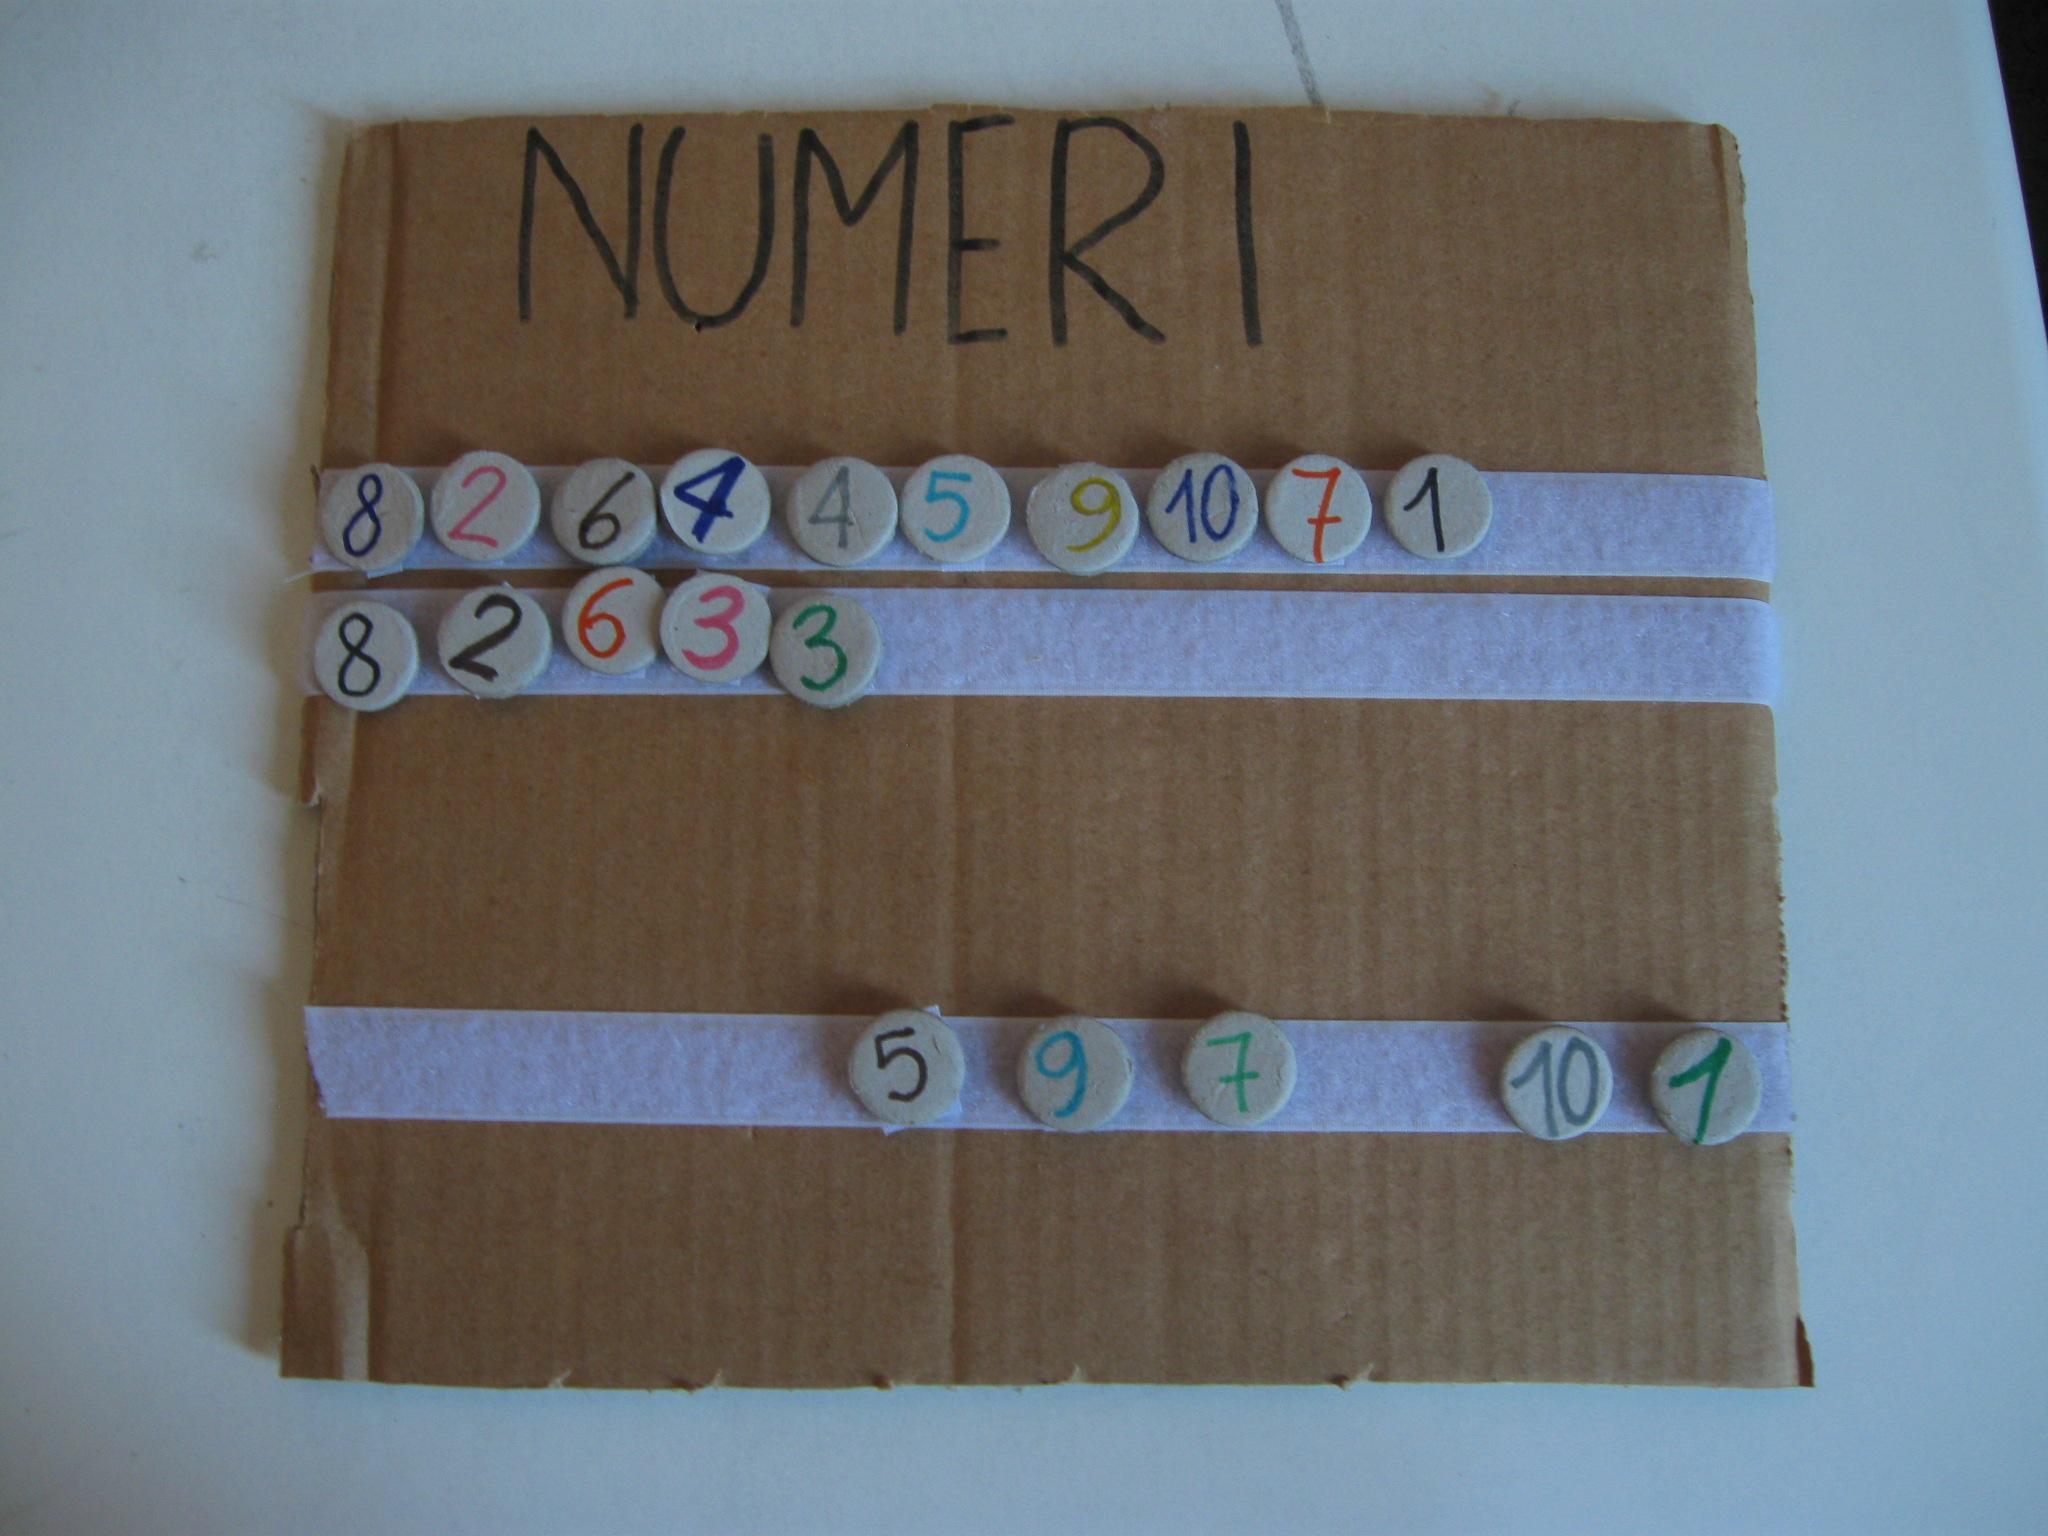 Cartoncino con attaccate tre strisce di velcro sovrapposte: sulla prima c'è una sequenza di numeri, sulla seconda parte della sequenza e sulla terza numeri in disordine.